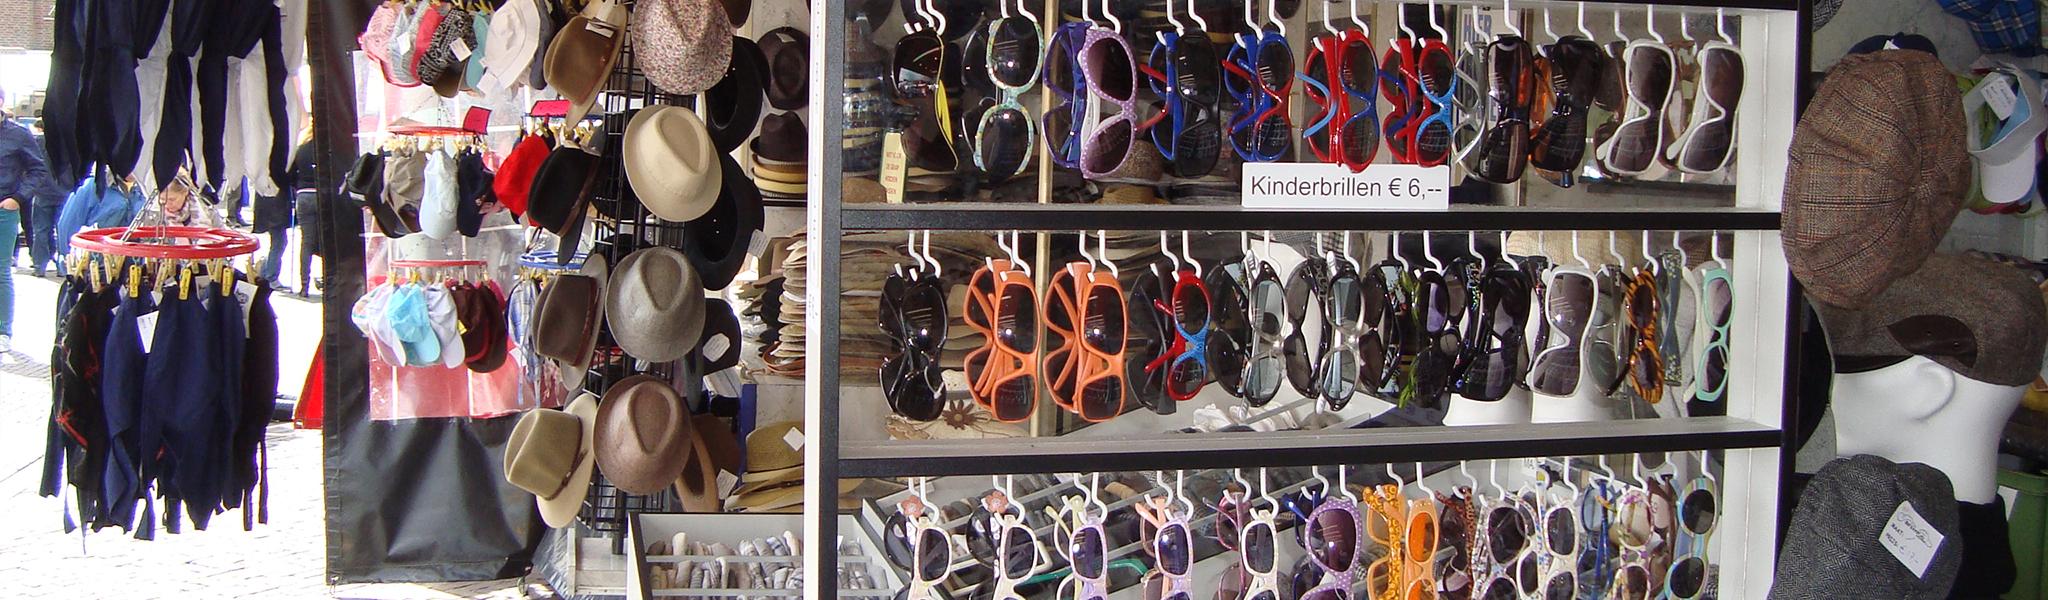 markt-slider-zonnebrillenrekje